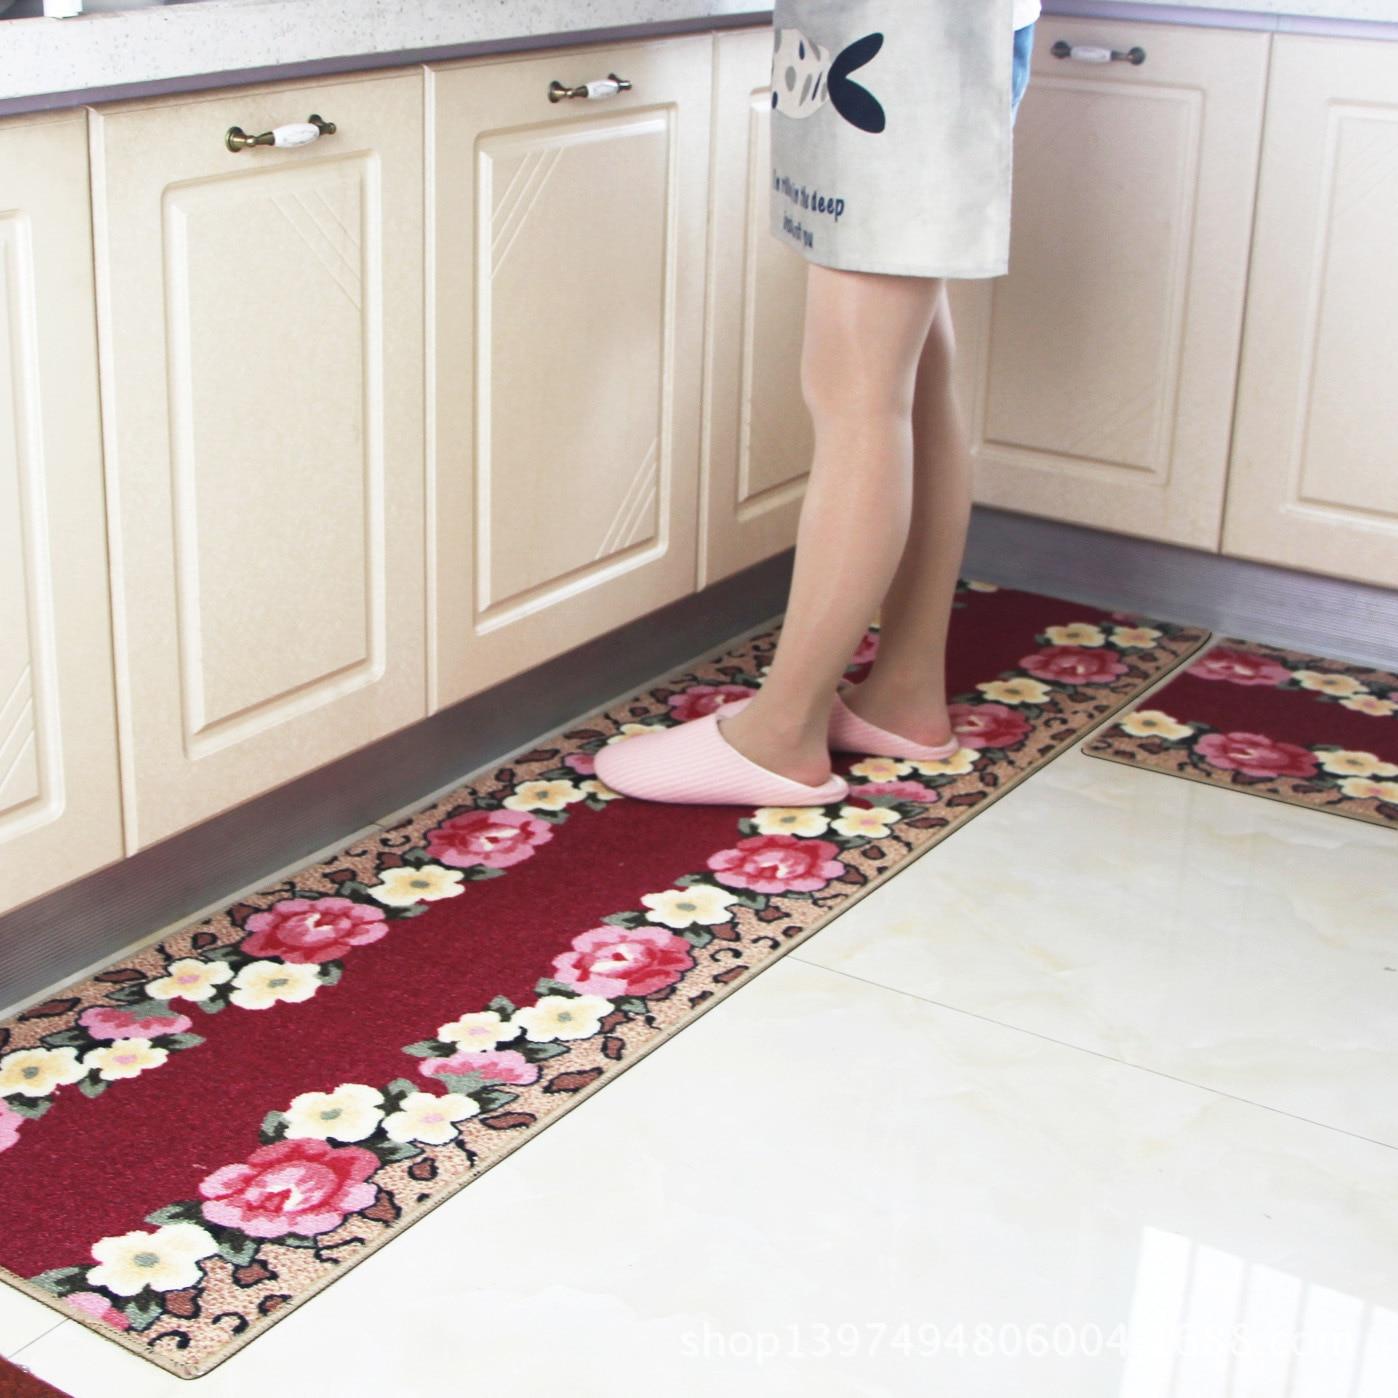 פרח מטבח שטיח גומי מחצלת אנטי להחליק אמבטיה שטיח לספוג מים מטבח בית שטיח שפשפת כניסת נמר תבואה קצף מחצלת